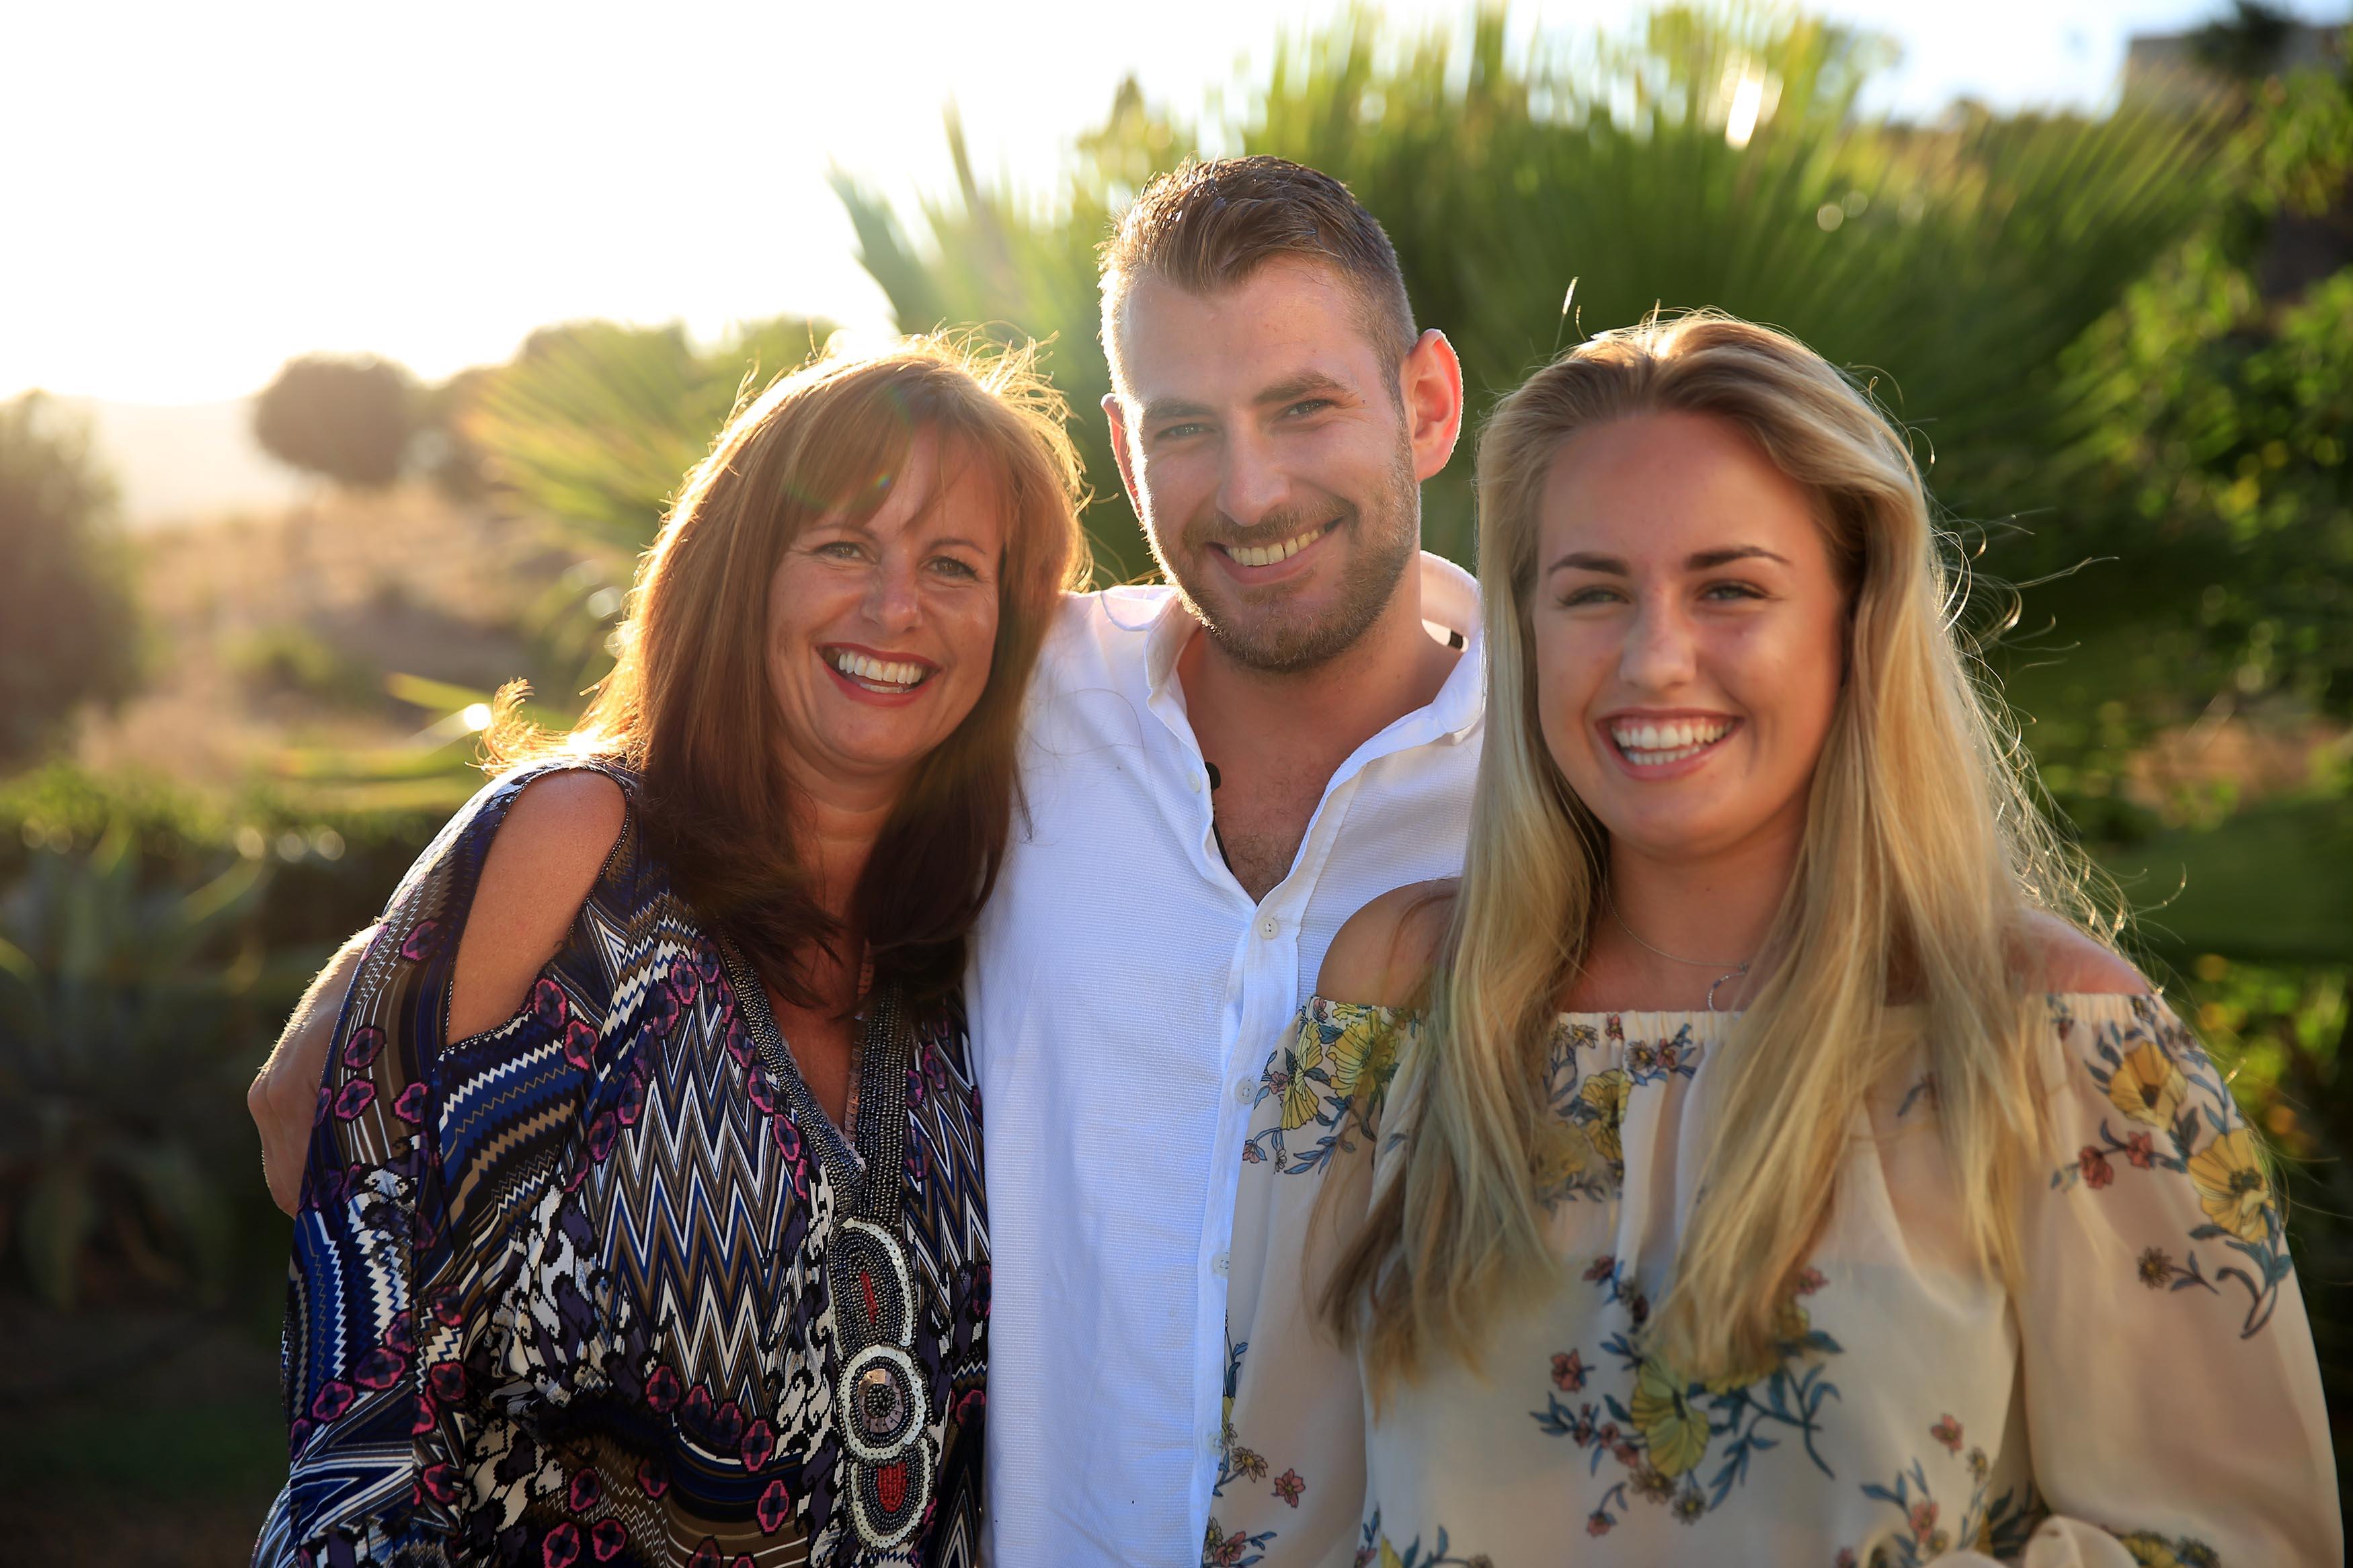 Villa Plus Sponsors Channel 4's Travel Shows